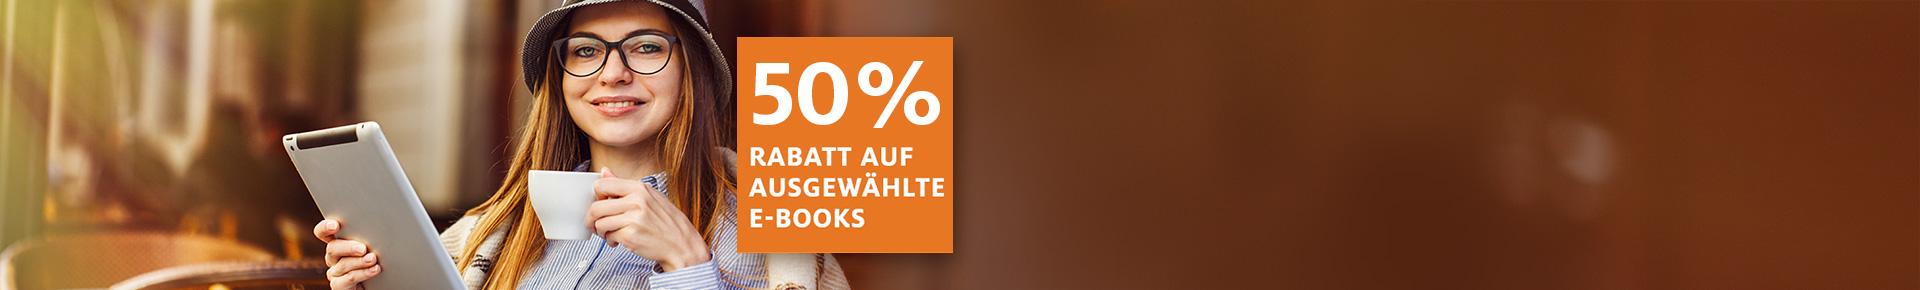 E-Book-Aktion: Preiskracher entdecken & profitieren